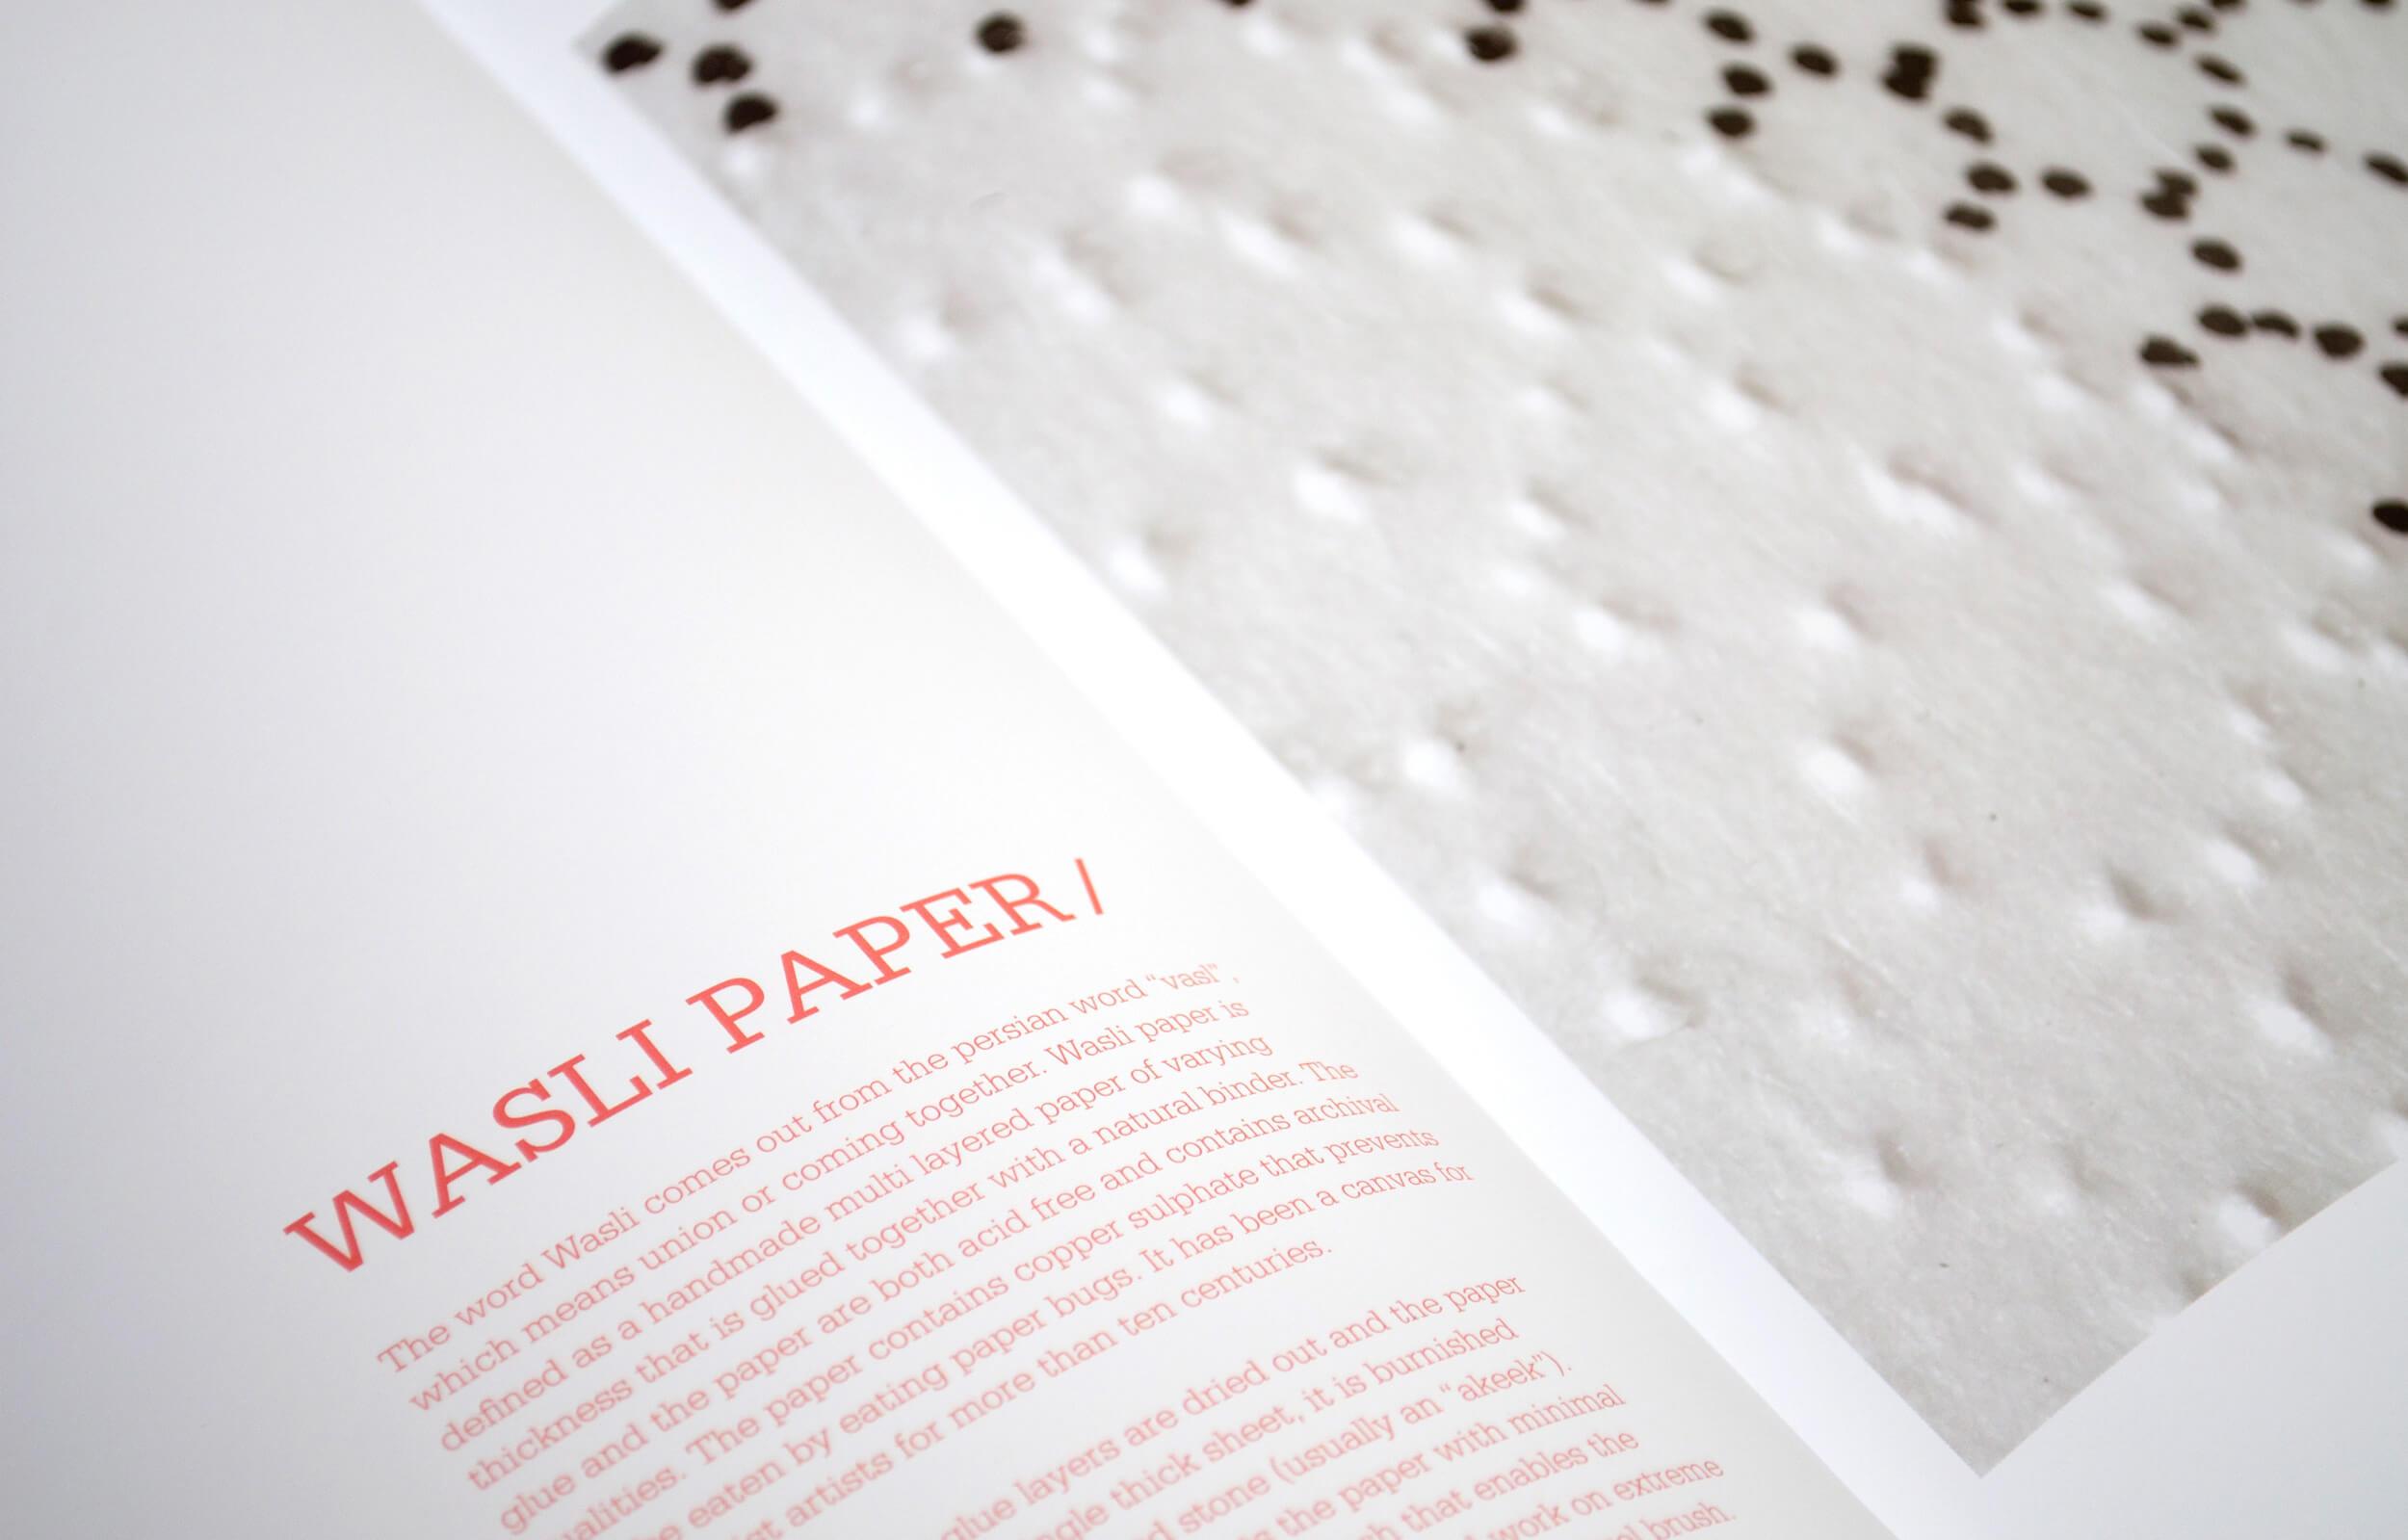 """Detalle de páginas interiores del libro """"Abstraction Contained"""" del artista Pakistaní Waqas Khan para la galería Sabrina Amrani"""